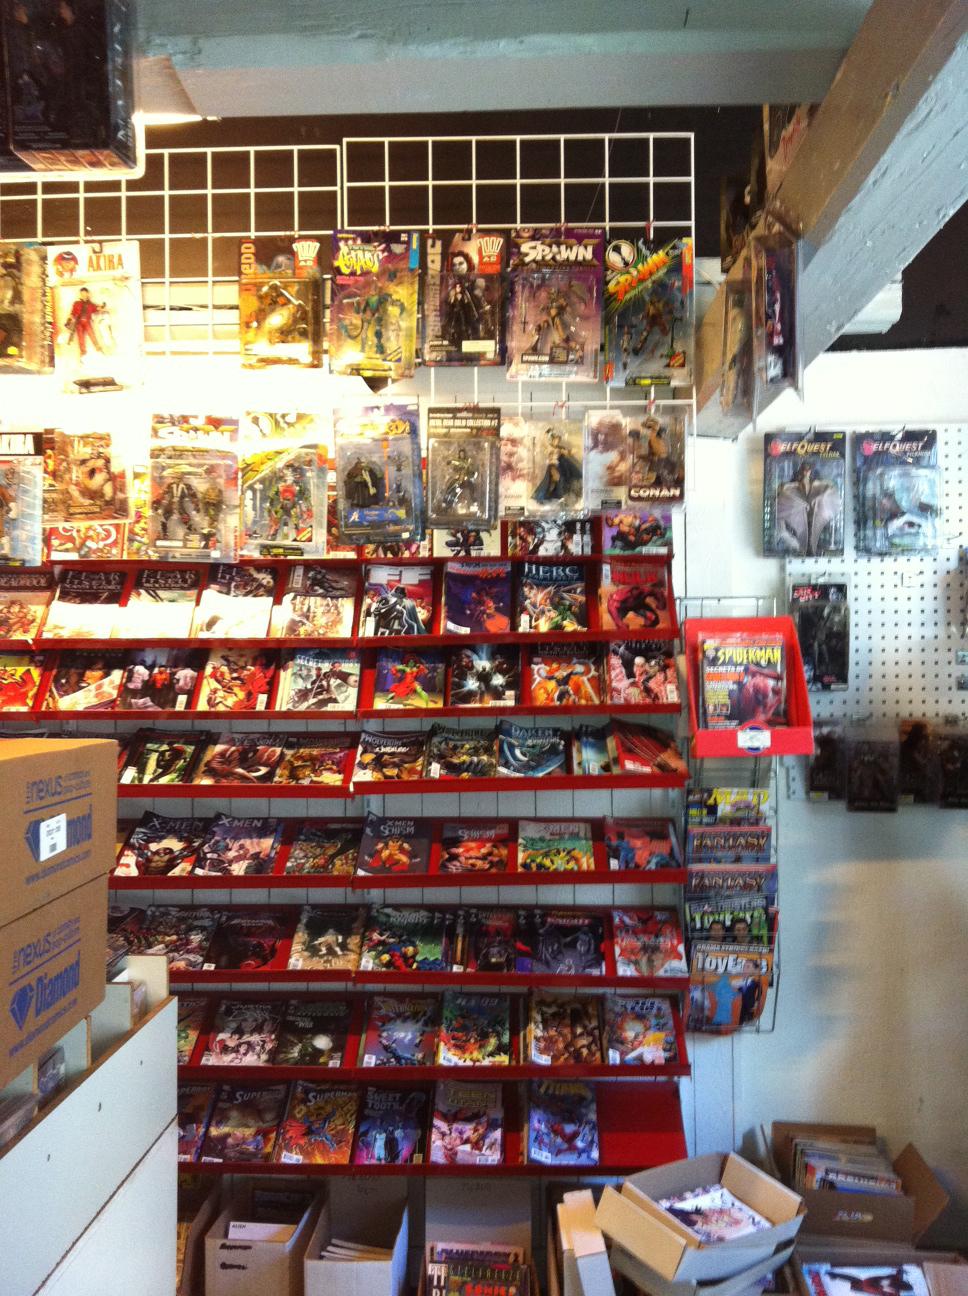 Danish comic book store Aarhus Komics